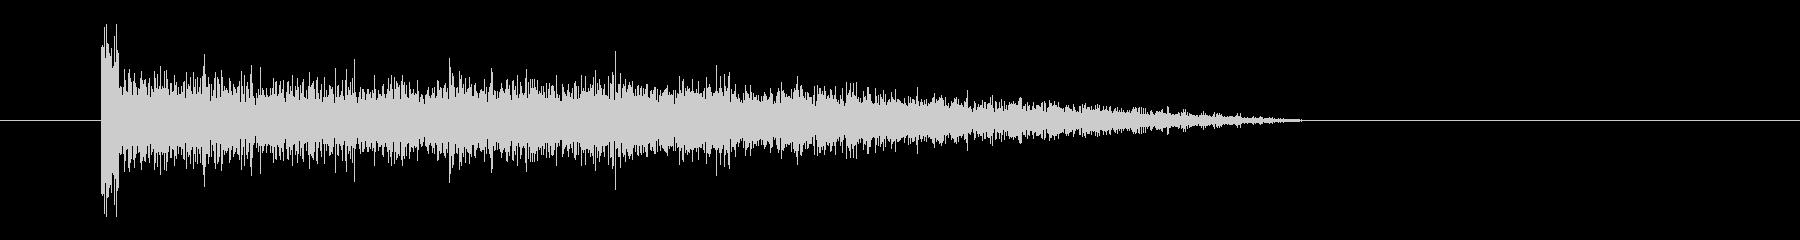 レーザー音-66-3の未再生の波形